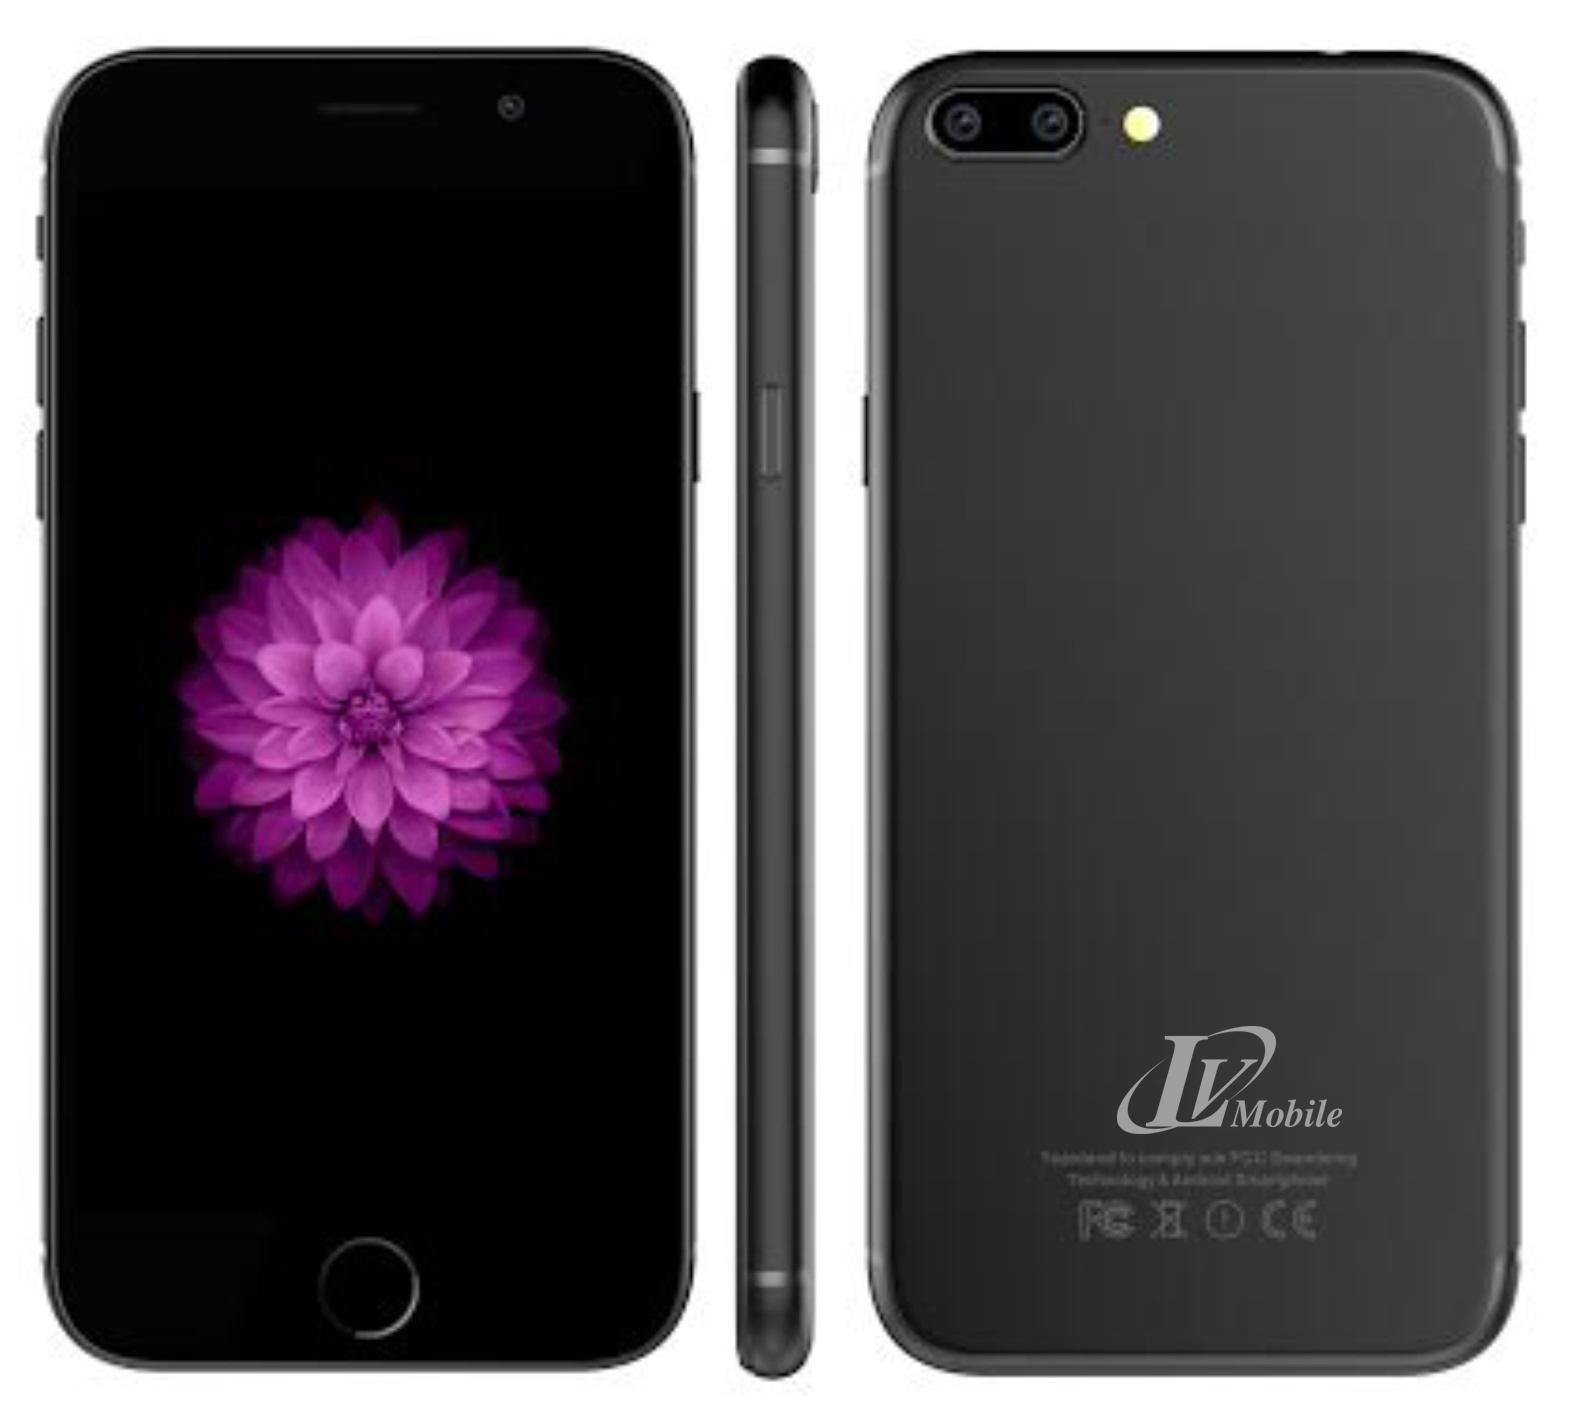 Hình ảnh Điện thoại ZIP8 - 2 SIM - hàng chính hãng - bảo hành 12 tháng - Tặng ốp lưng